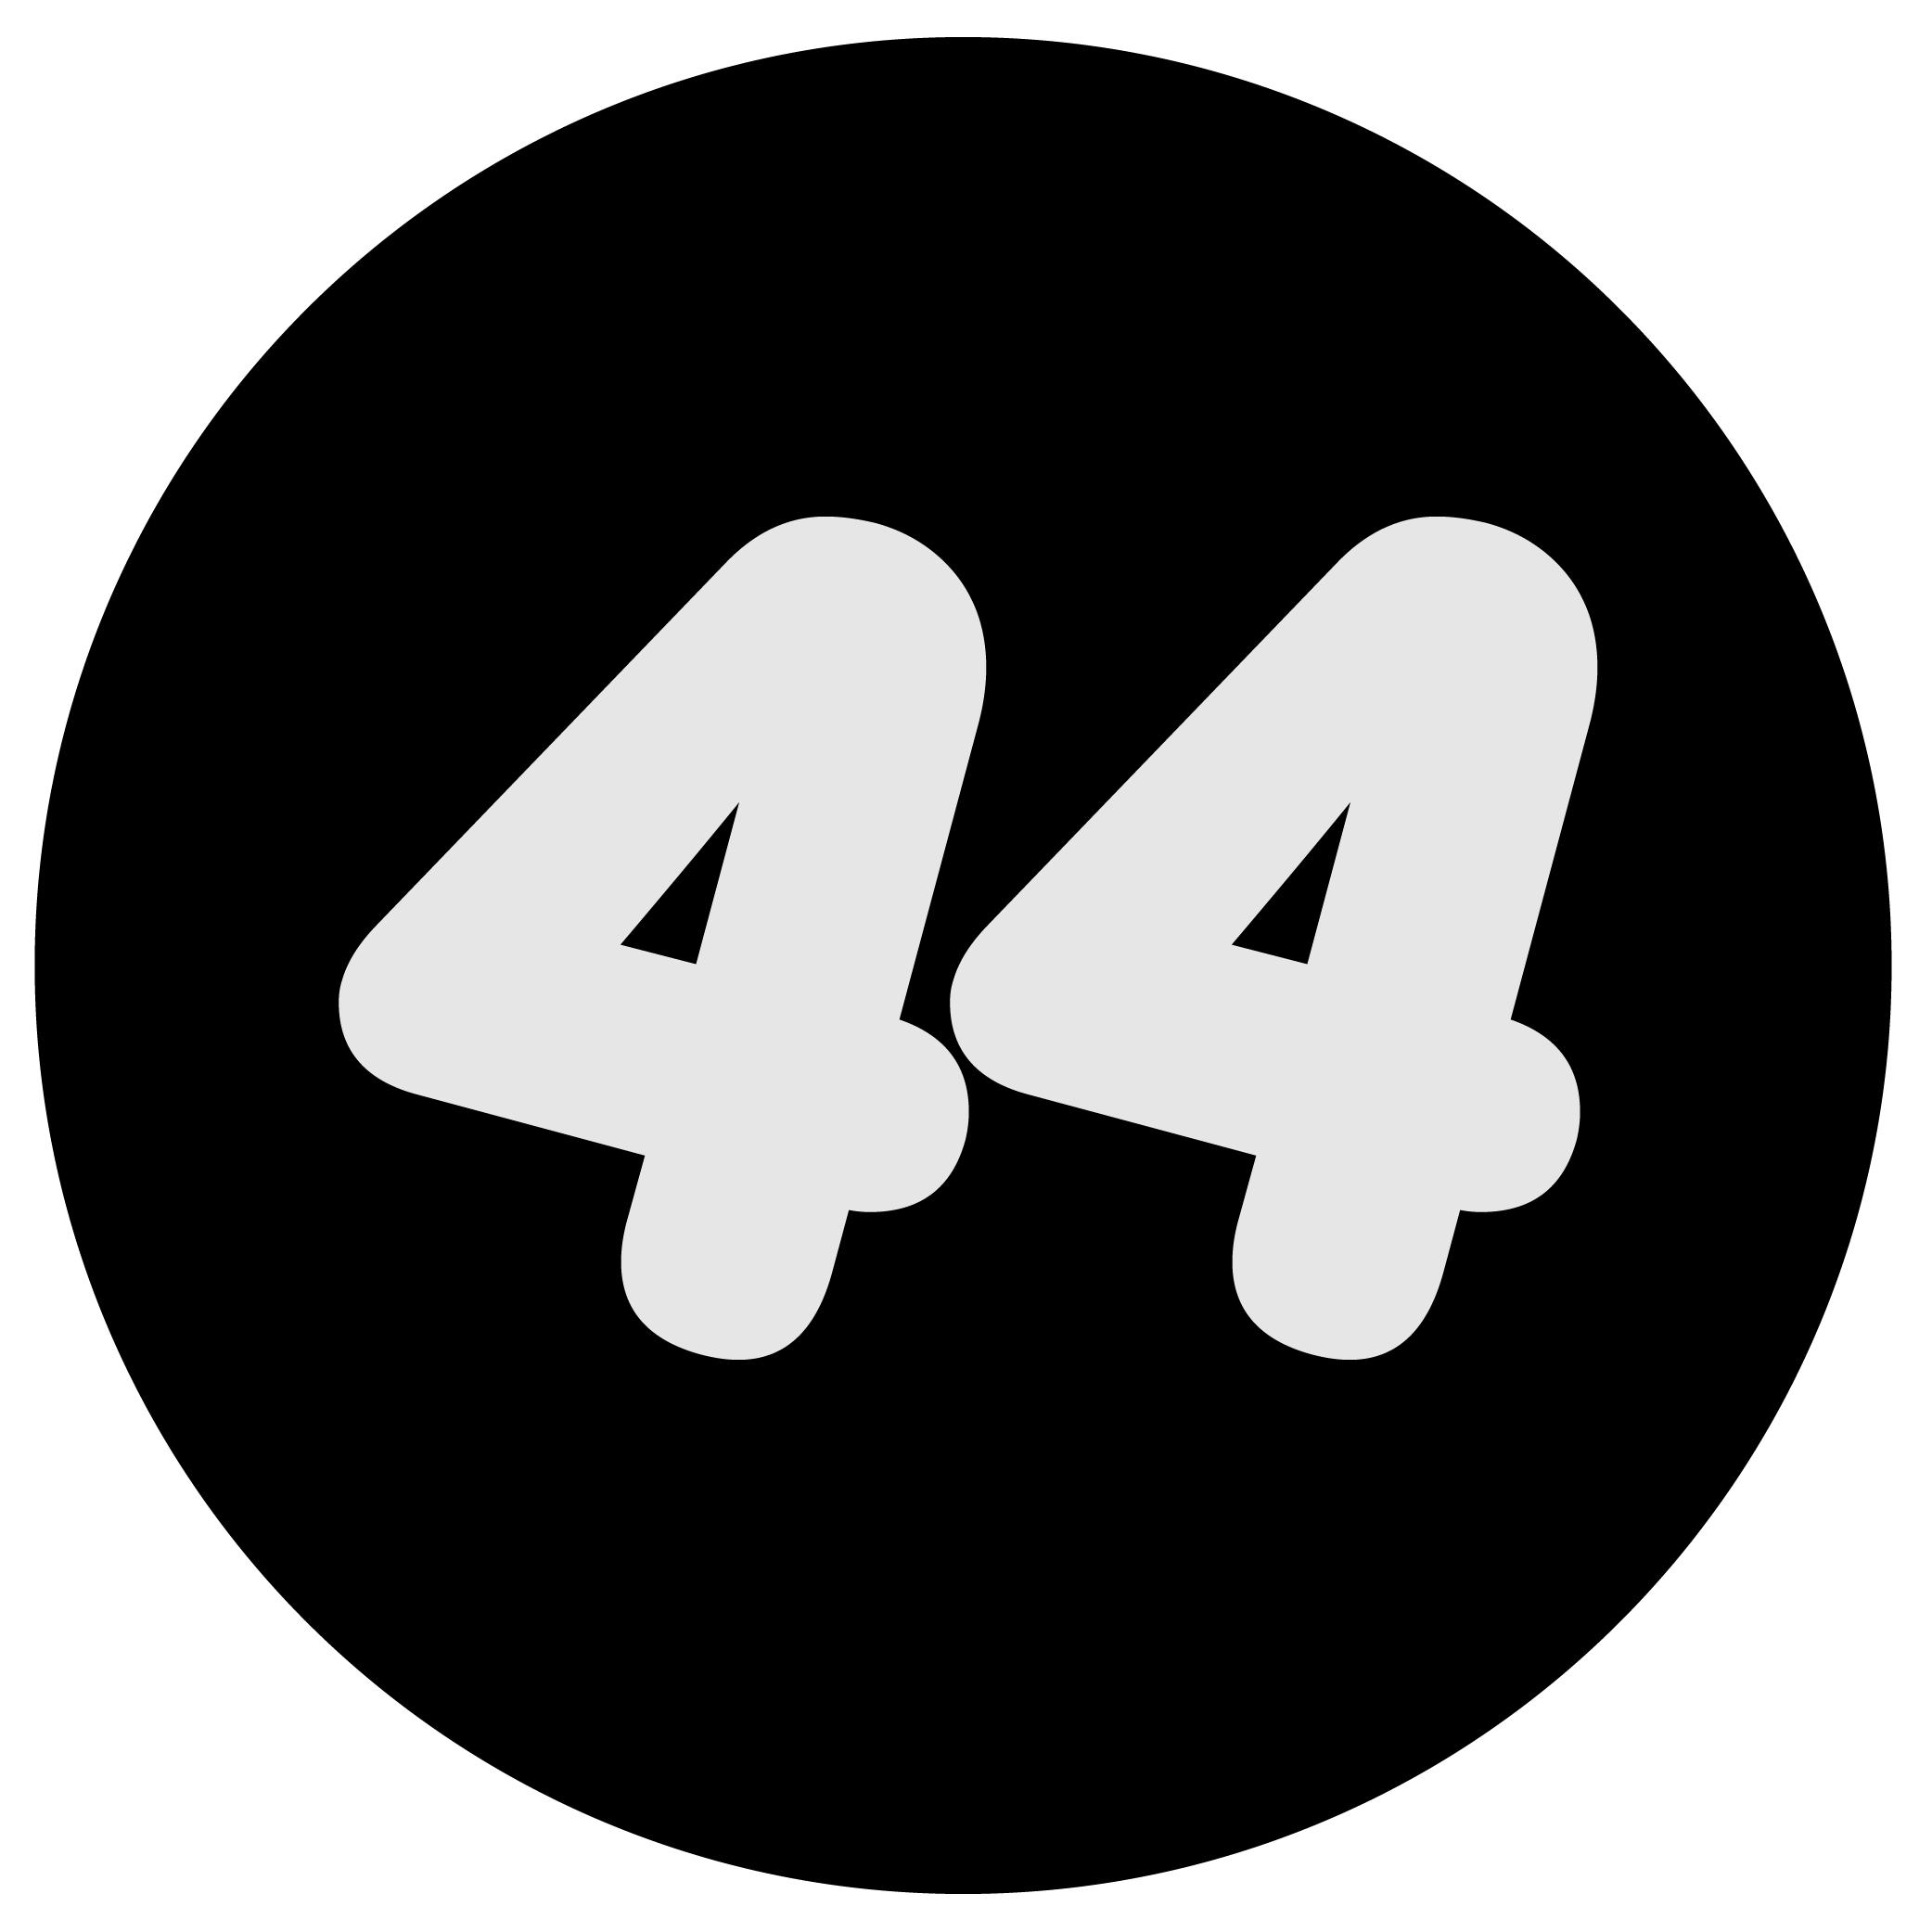 circles-33.png